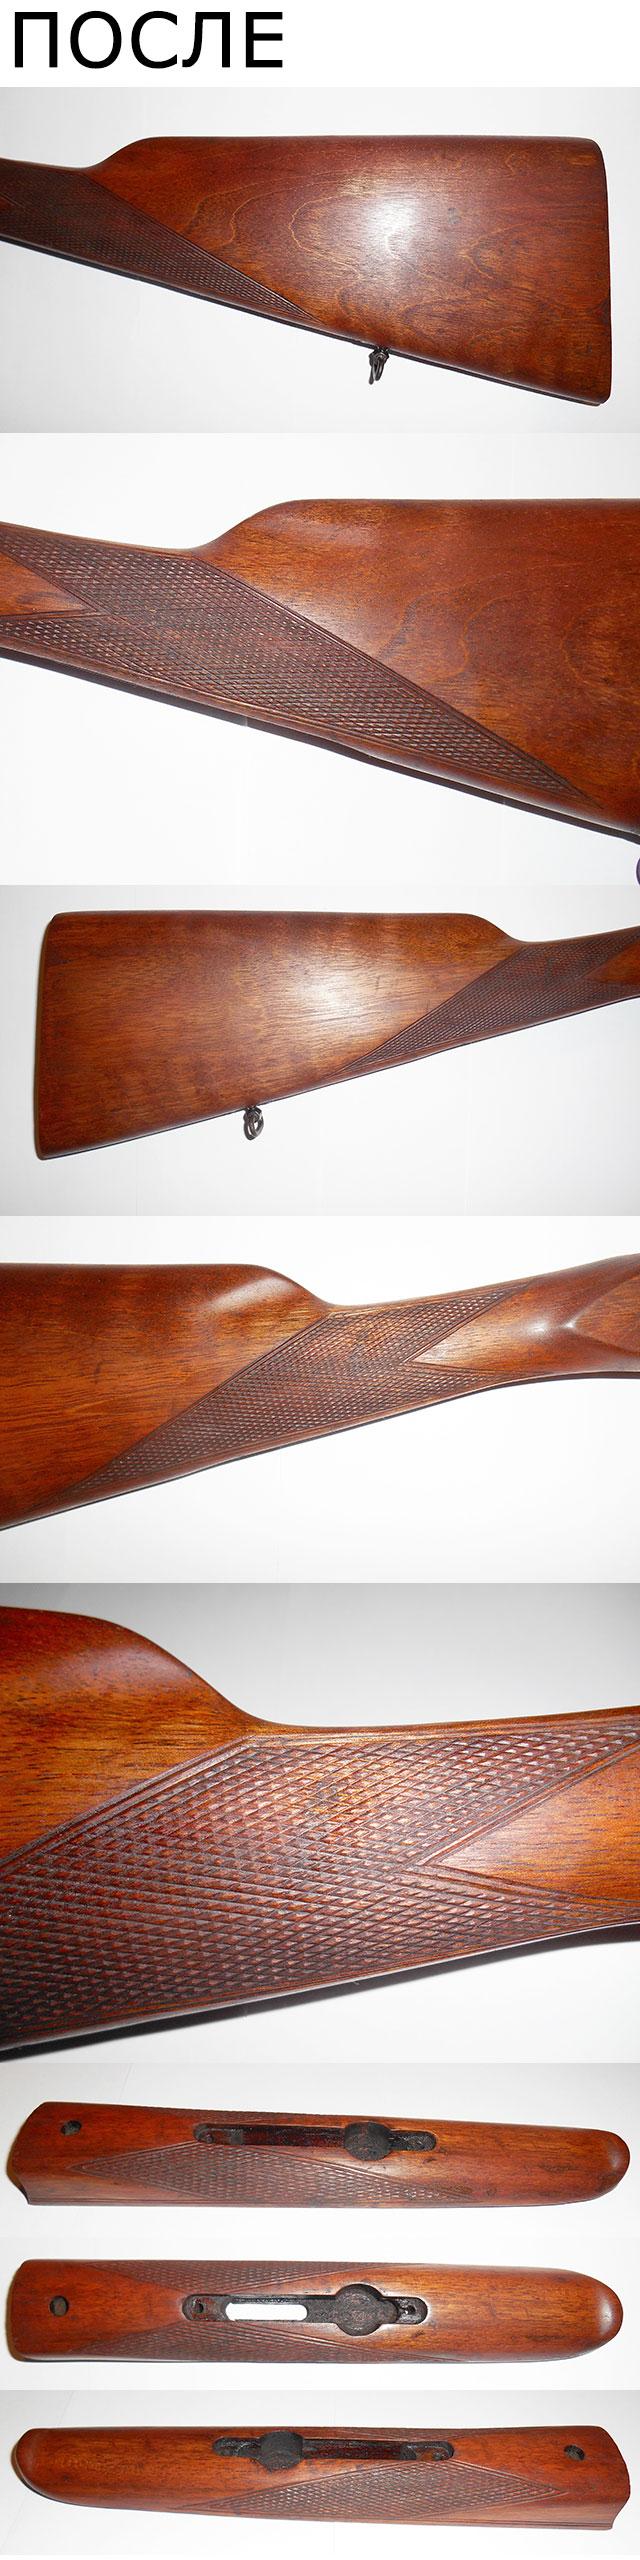 Приклад и цевье ружья ИЖ-54 после реставрации